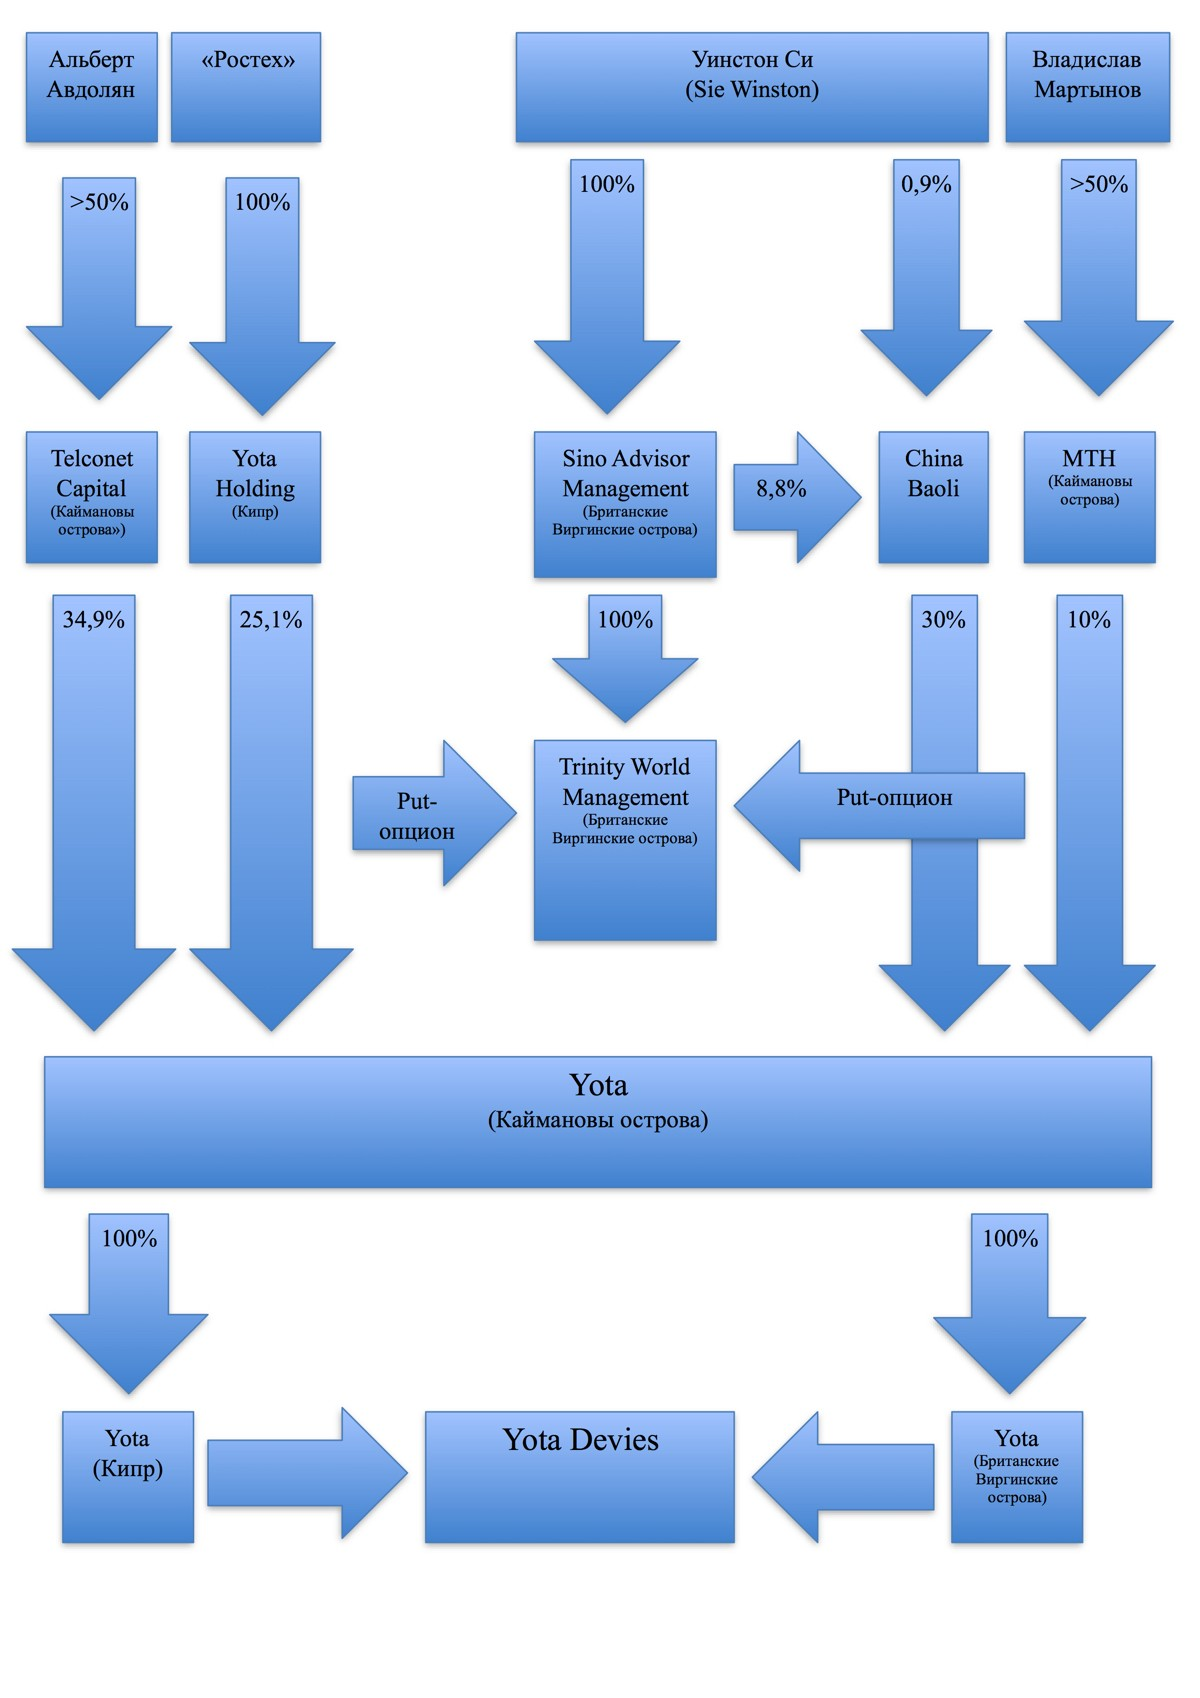 yotadevicesscheme1200.jpg